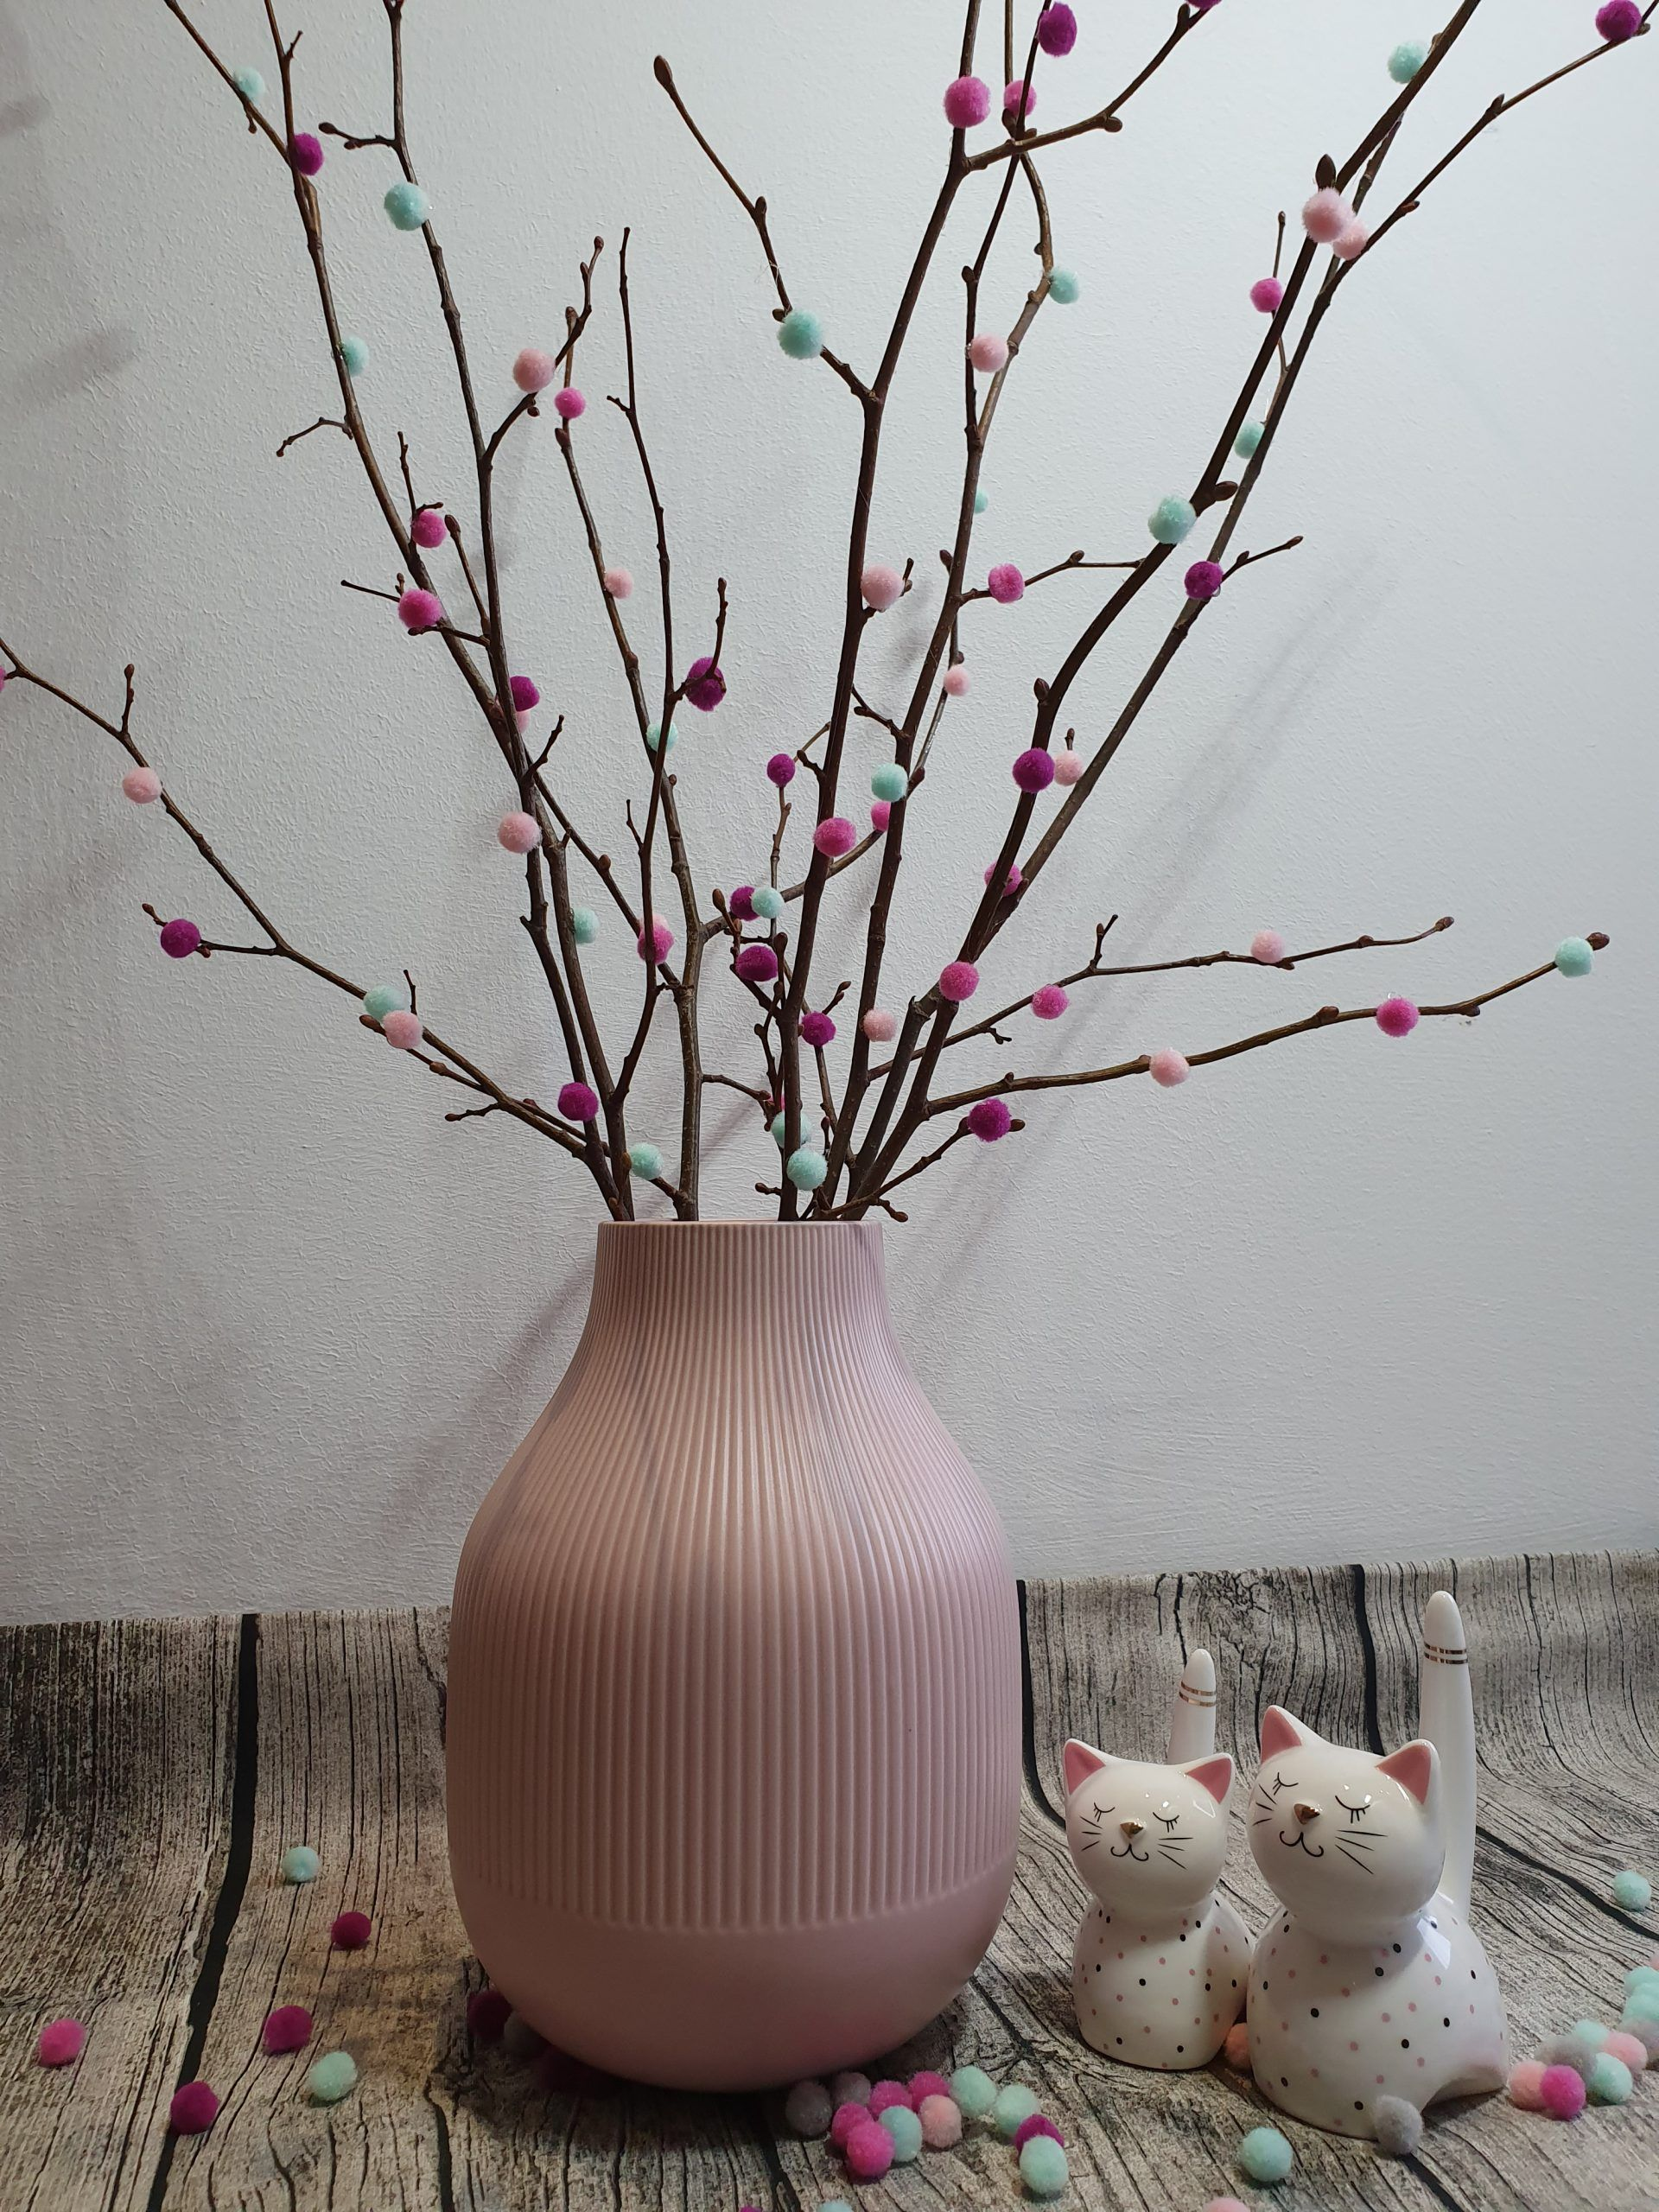 DIY mit Pompoms - schnelle Dekoidee für den Frühling zum Selbermachen